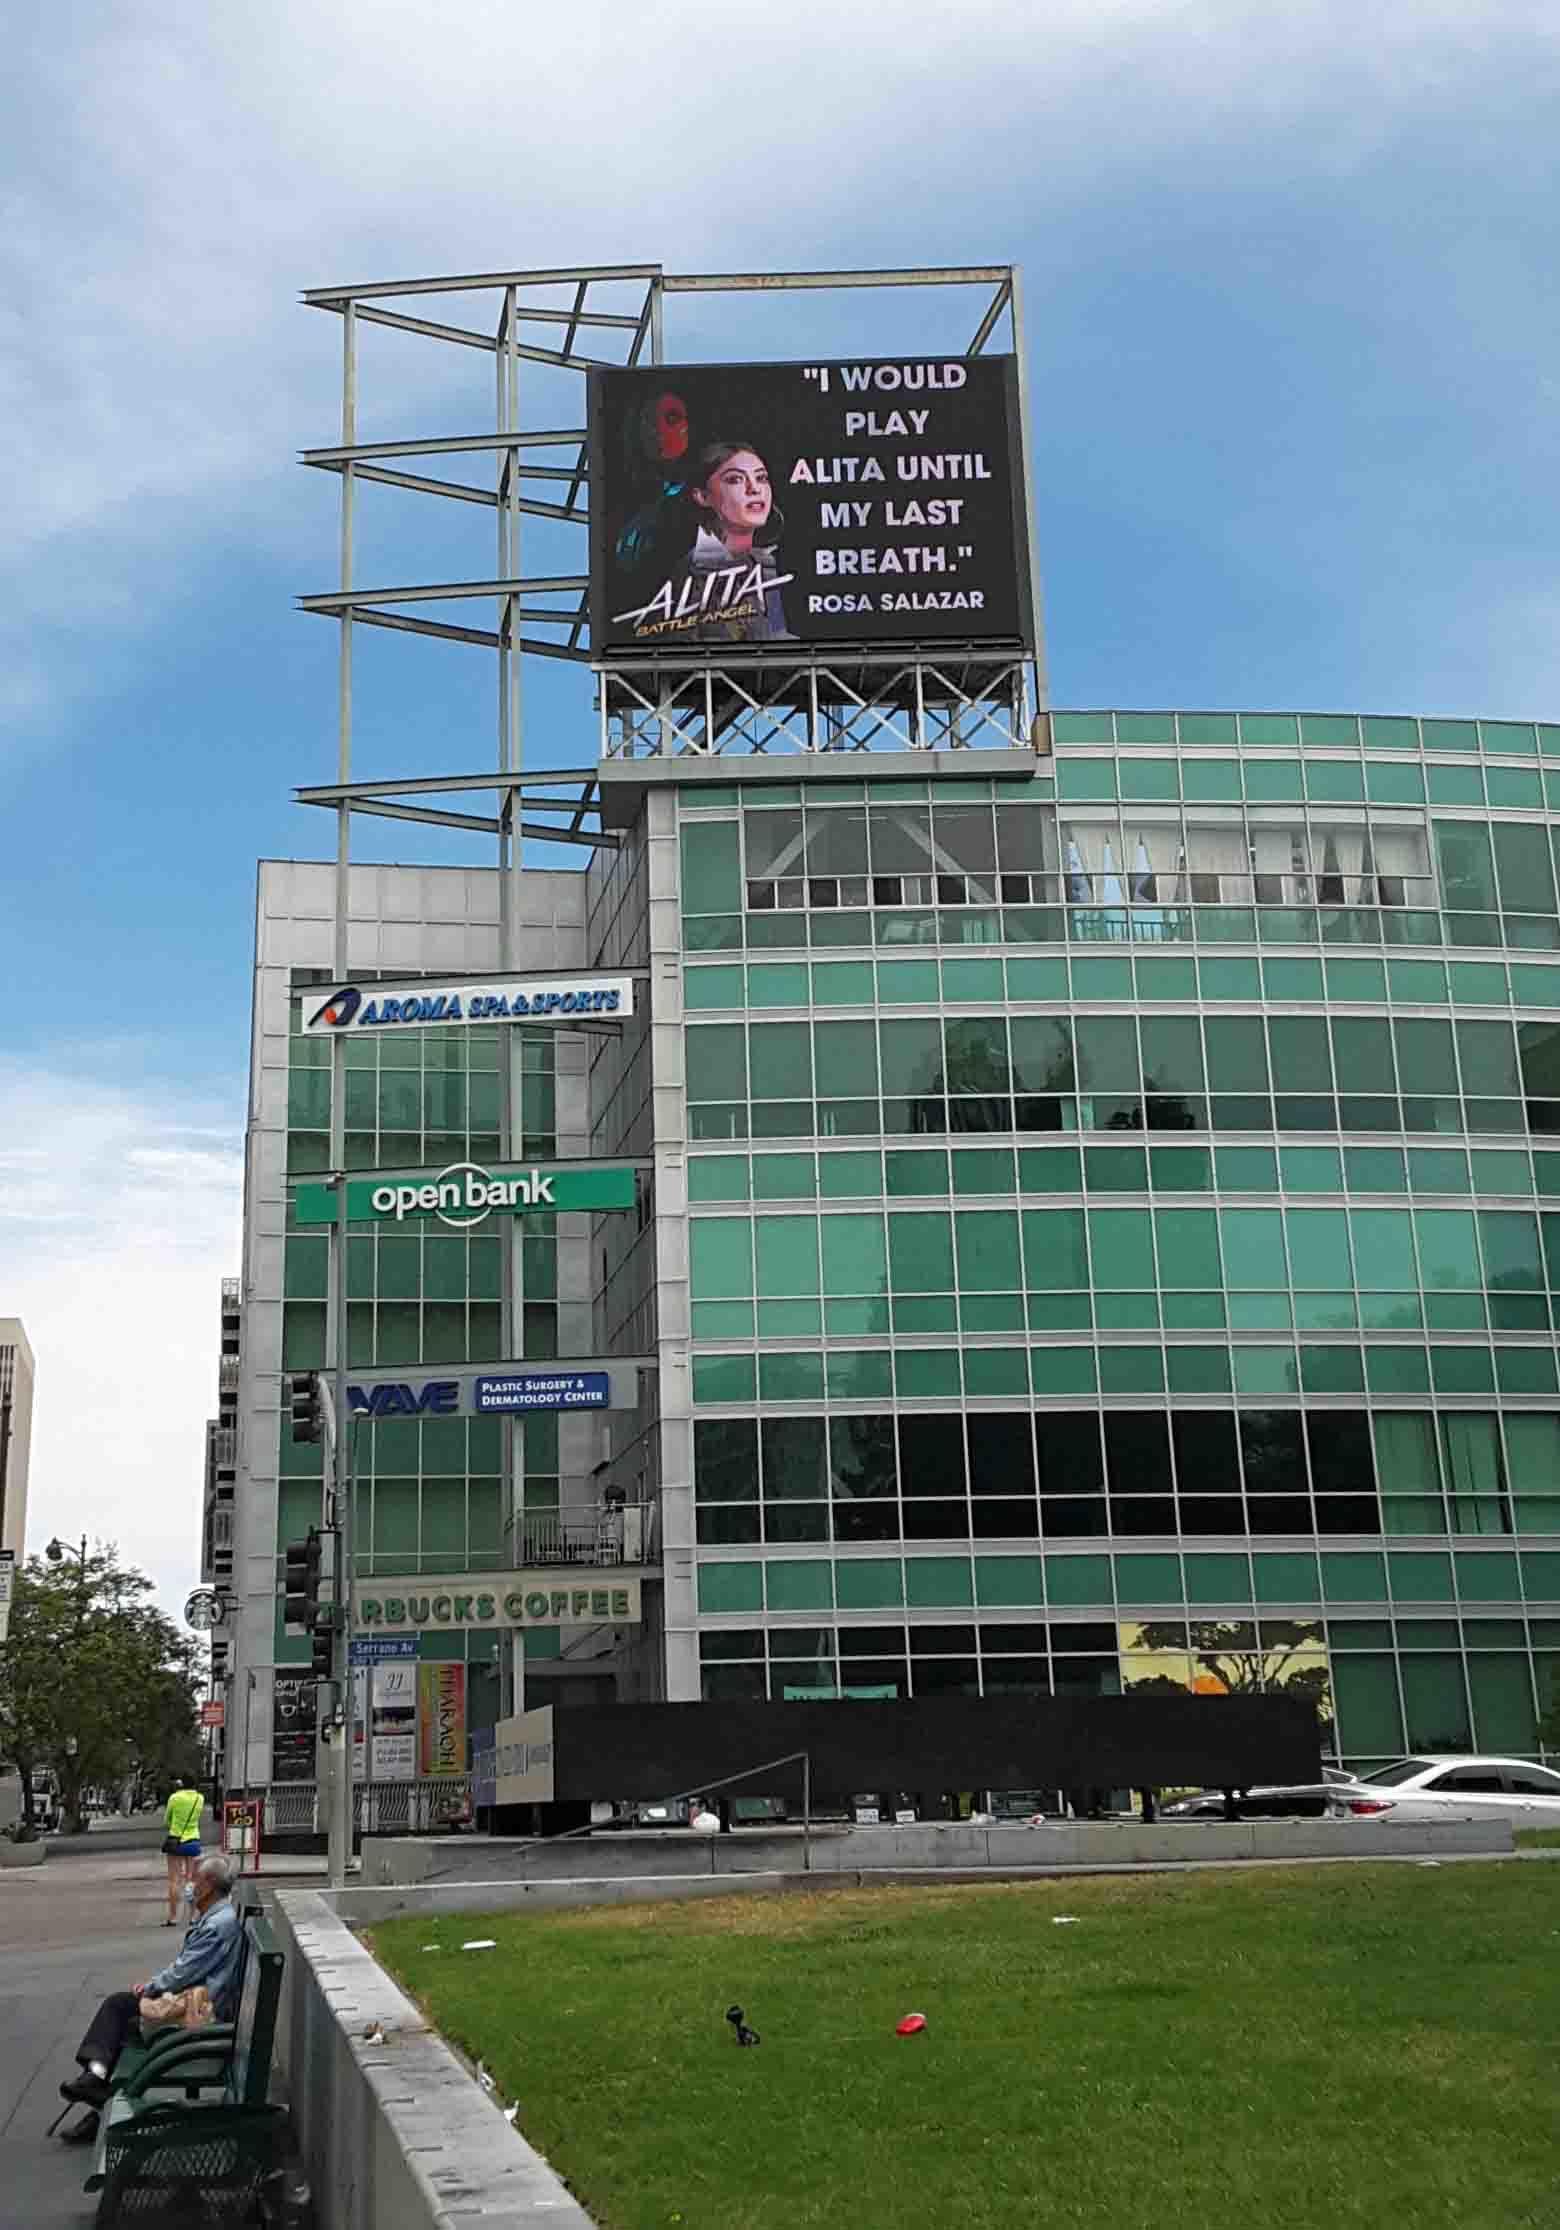 跪求《艾莉塔:戰鬥天使 2》!粉絲買下廣告看板希望迪士尼可以拍攝續集電影